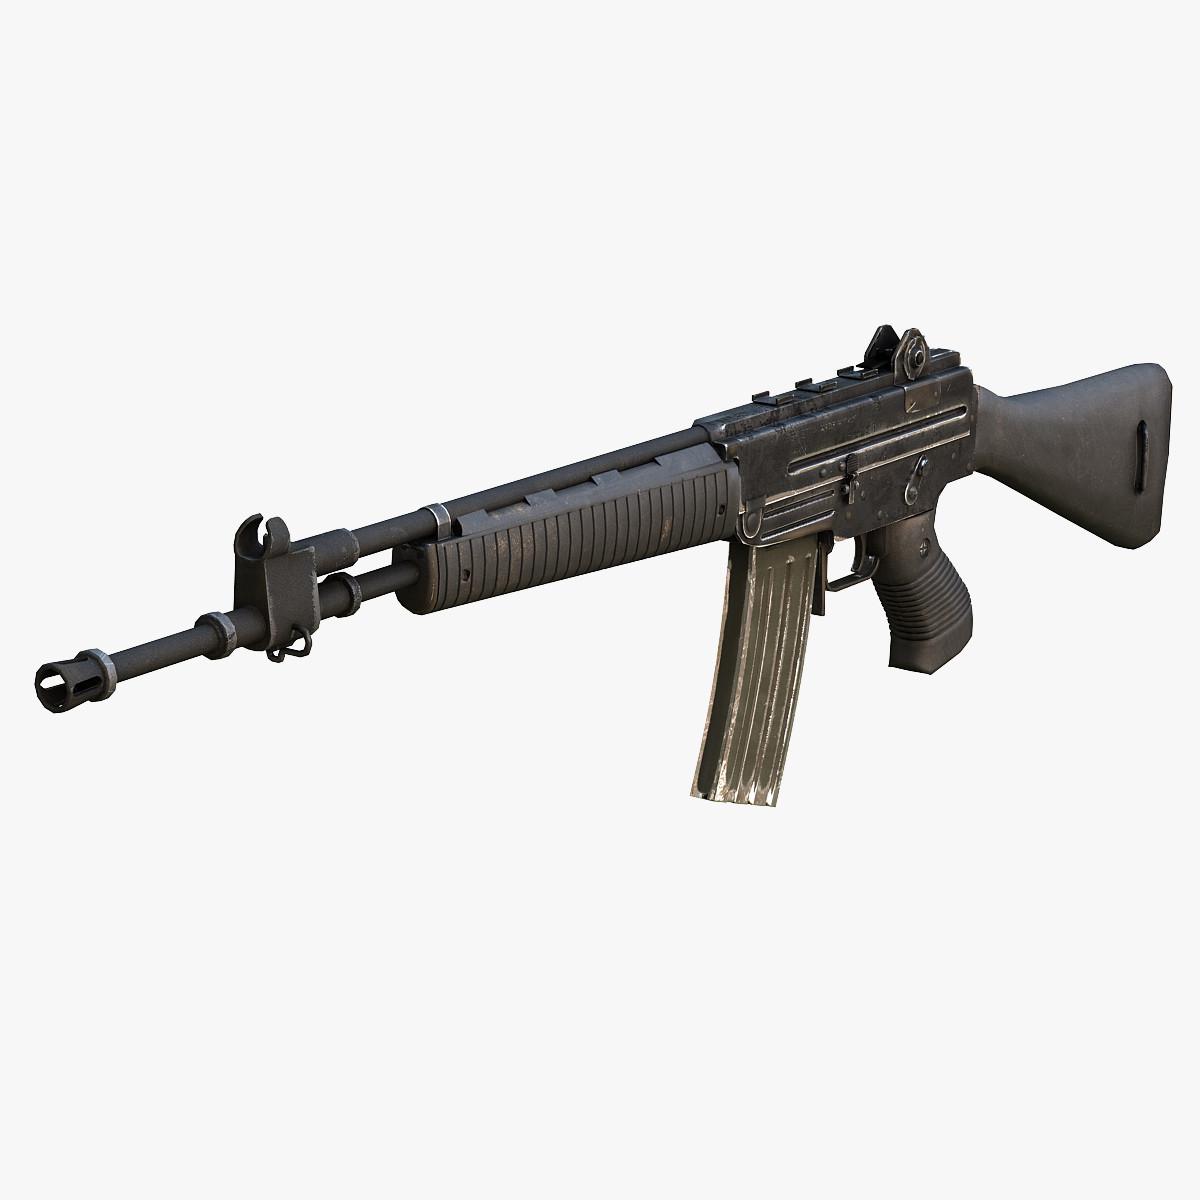 Beretta AR 70/223